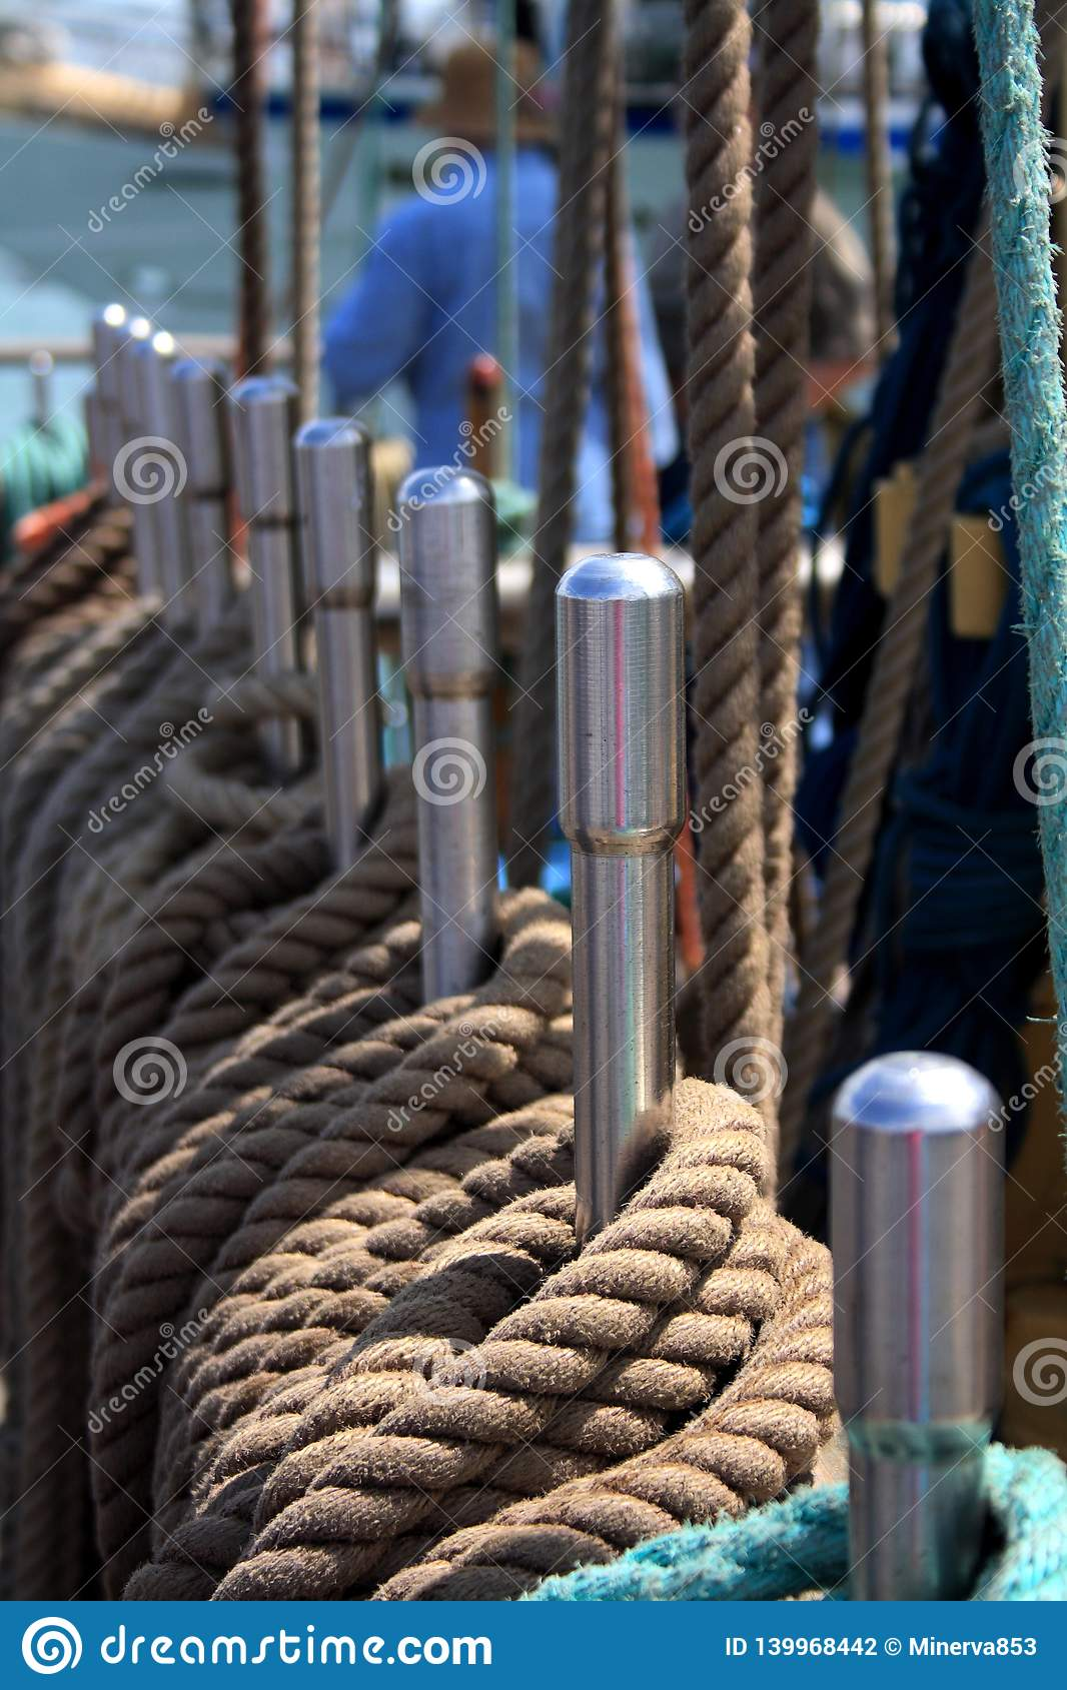 Schip bruine kabels op de sporen met een mens op de achtergrond